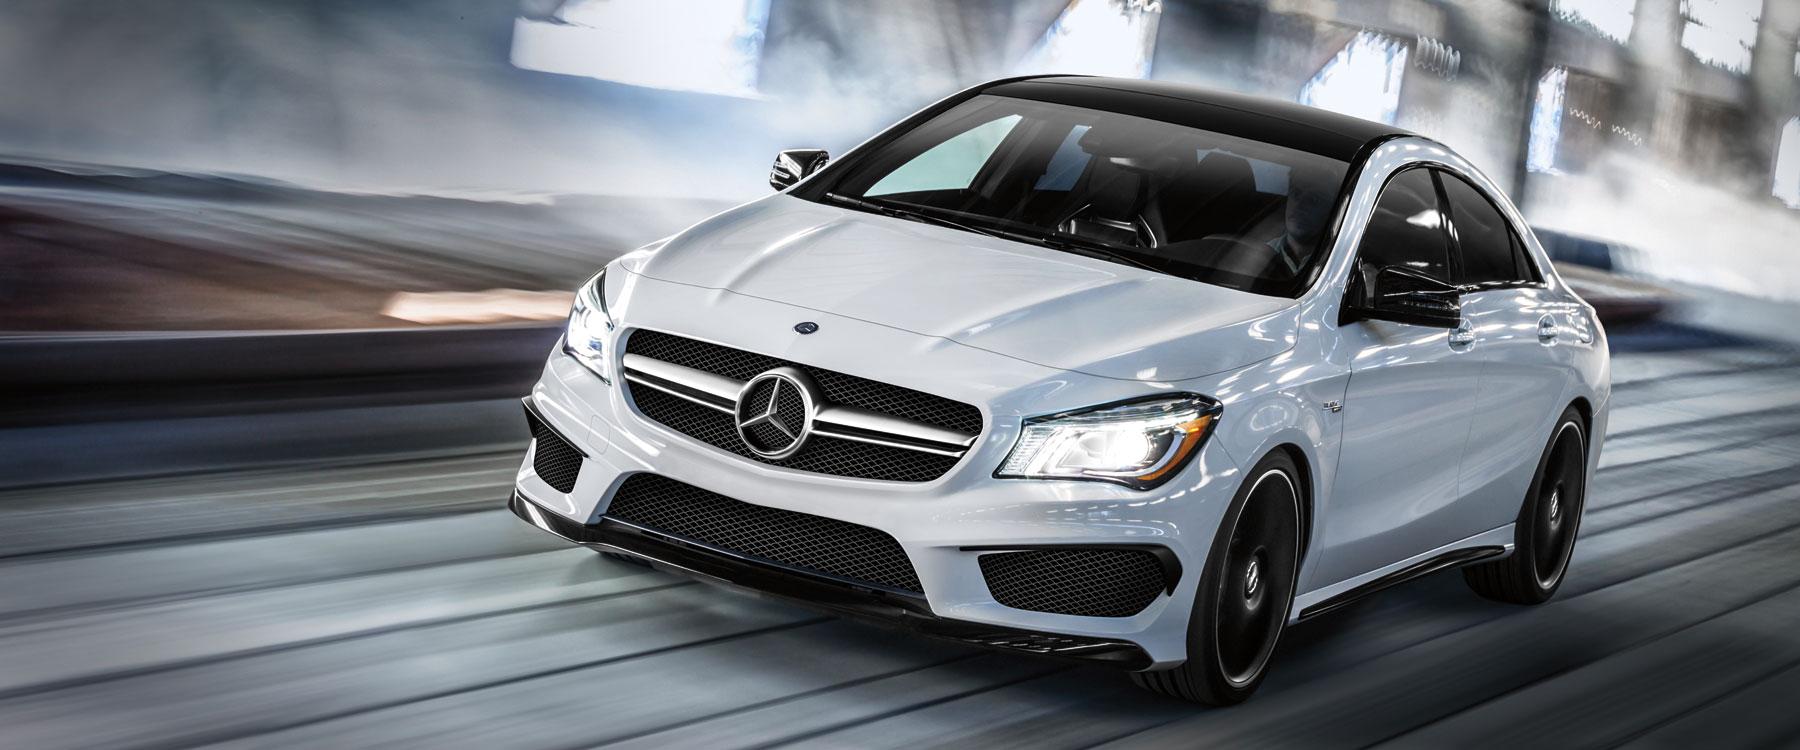 2015 mercedes benz cla45 amg fletcher jones motorcars for Mercedes benz specials